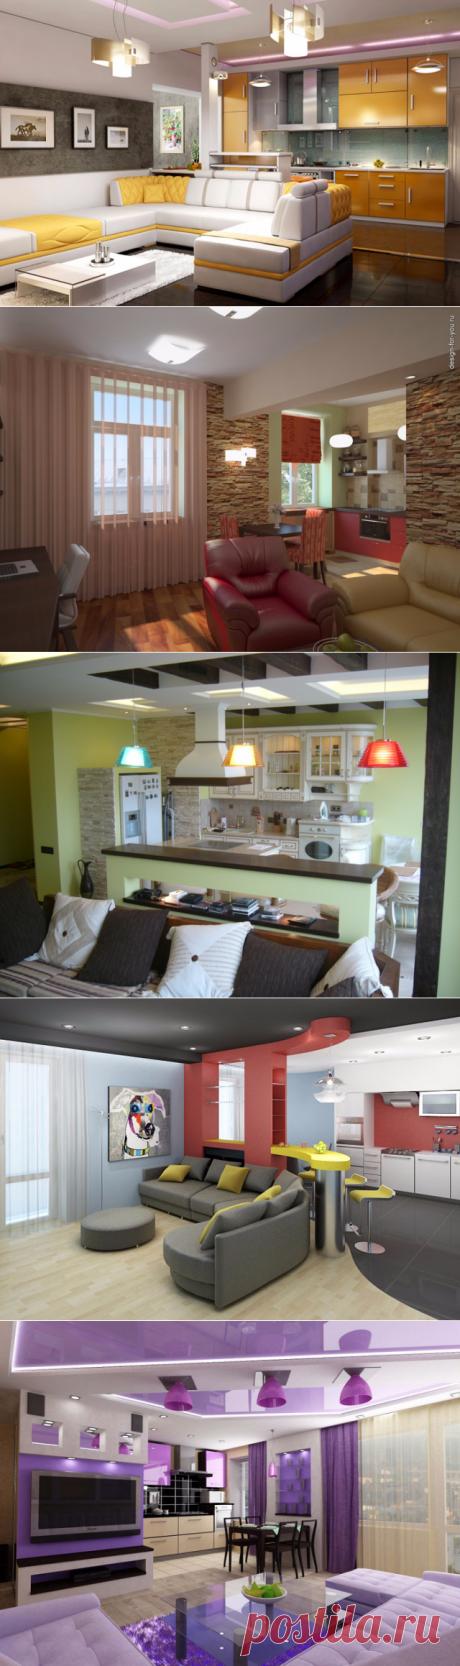 Кухня совмещенная с гостиной - привлекательно и просторно.